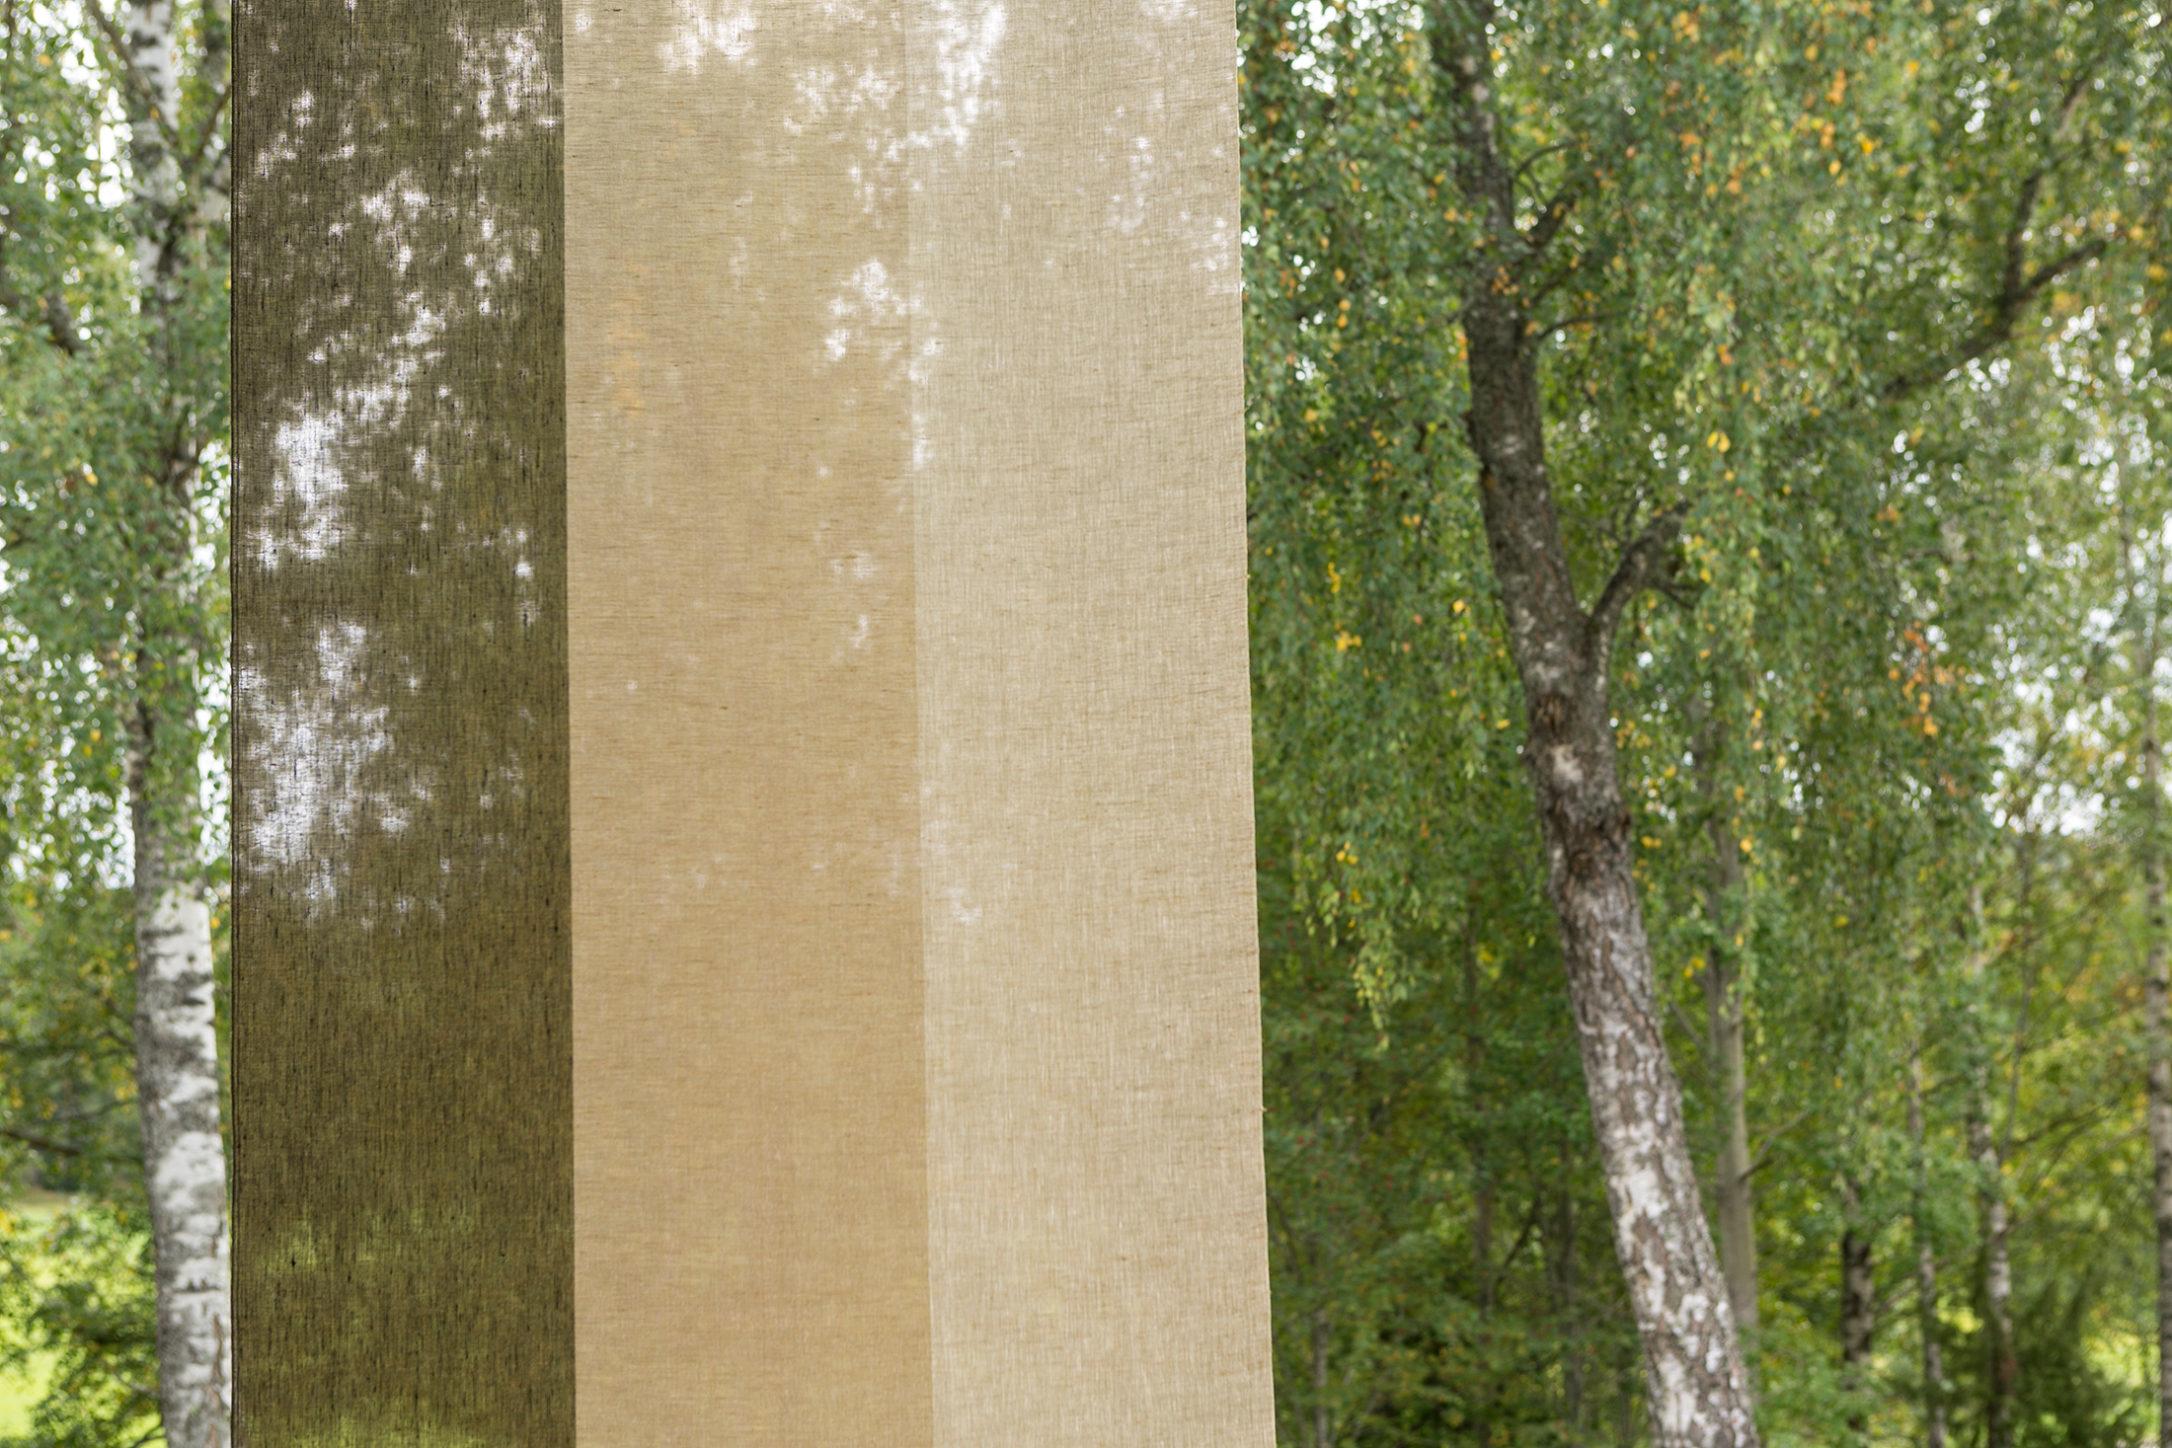 Gardin Trecolore hellinne Klässbols linneväveri Lena Bergström olivgrön